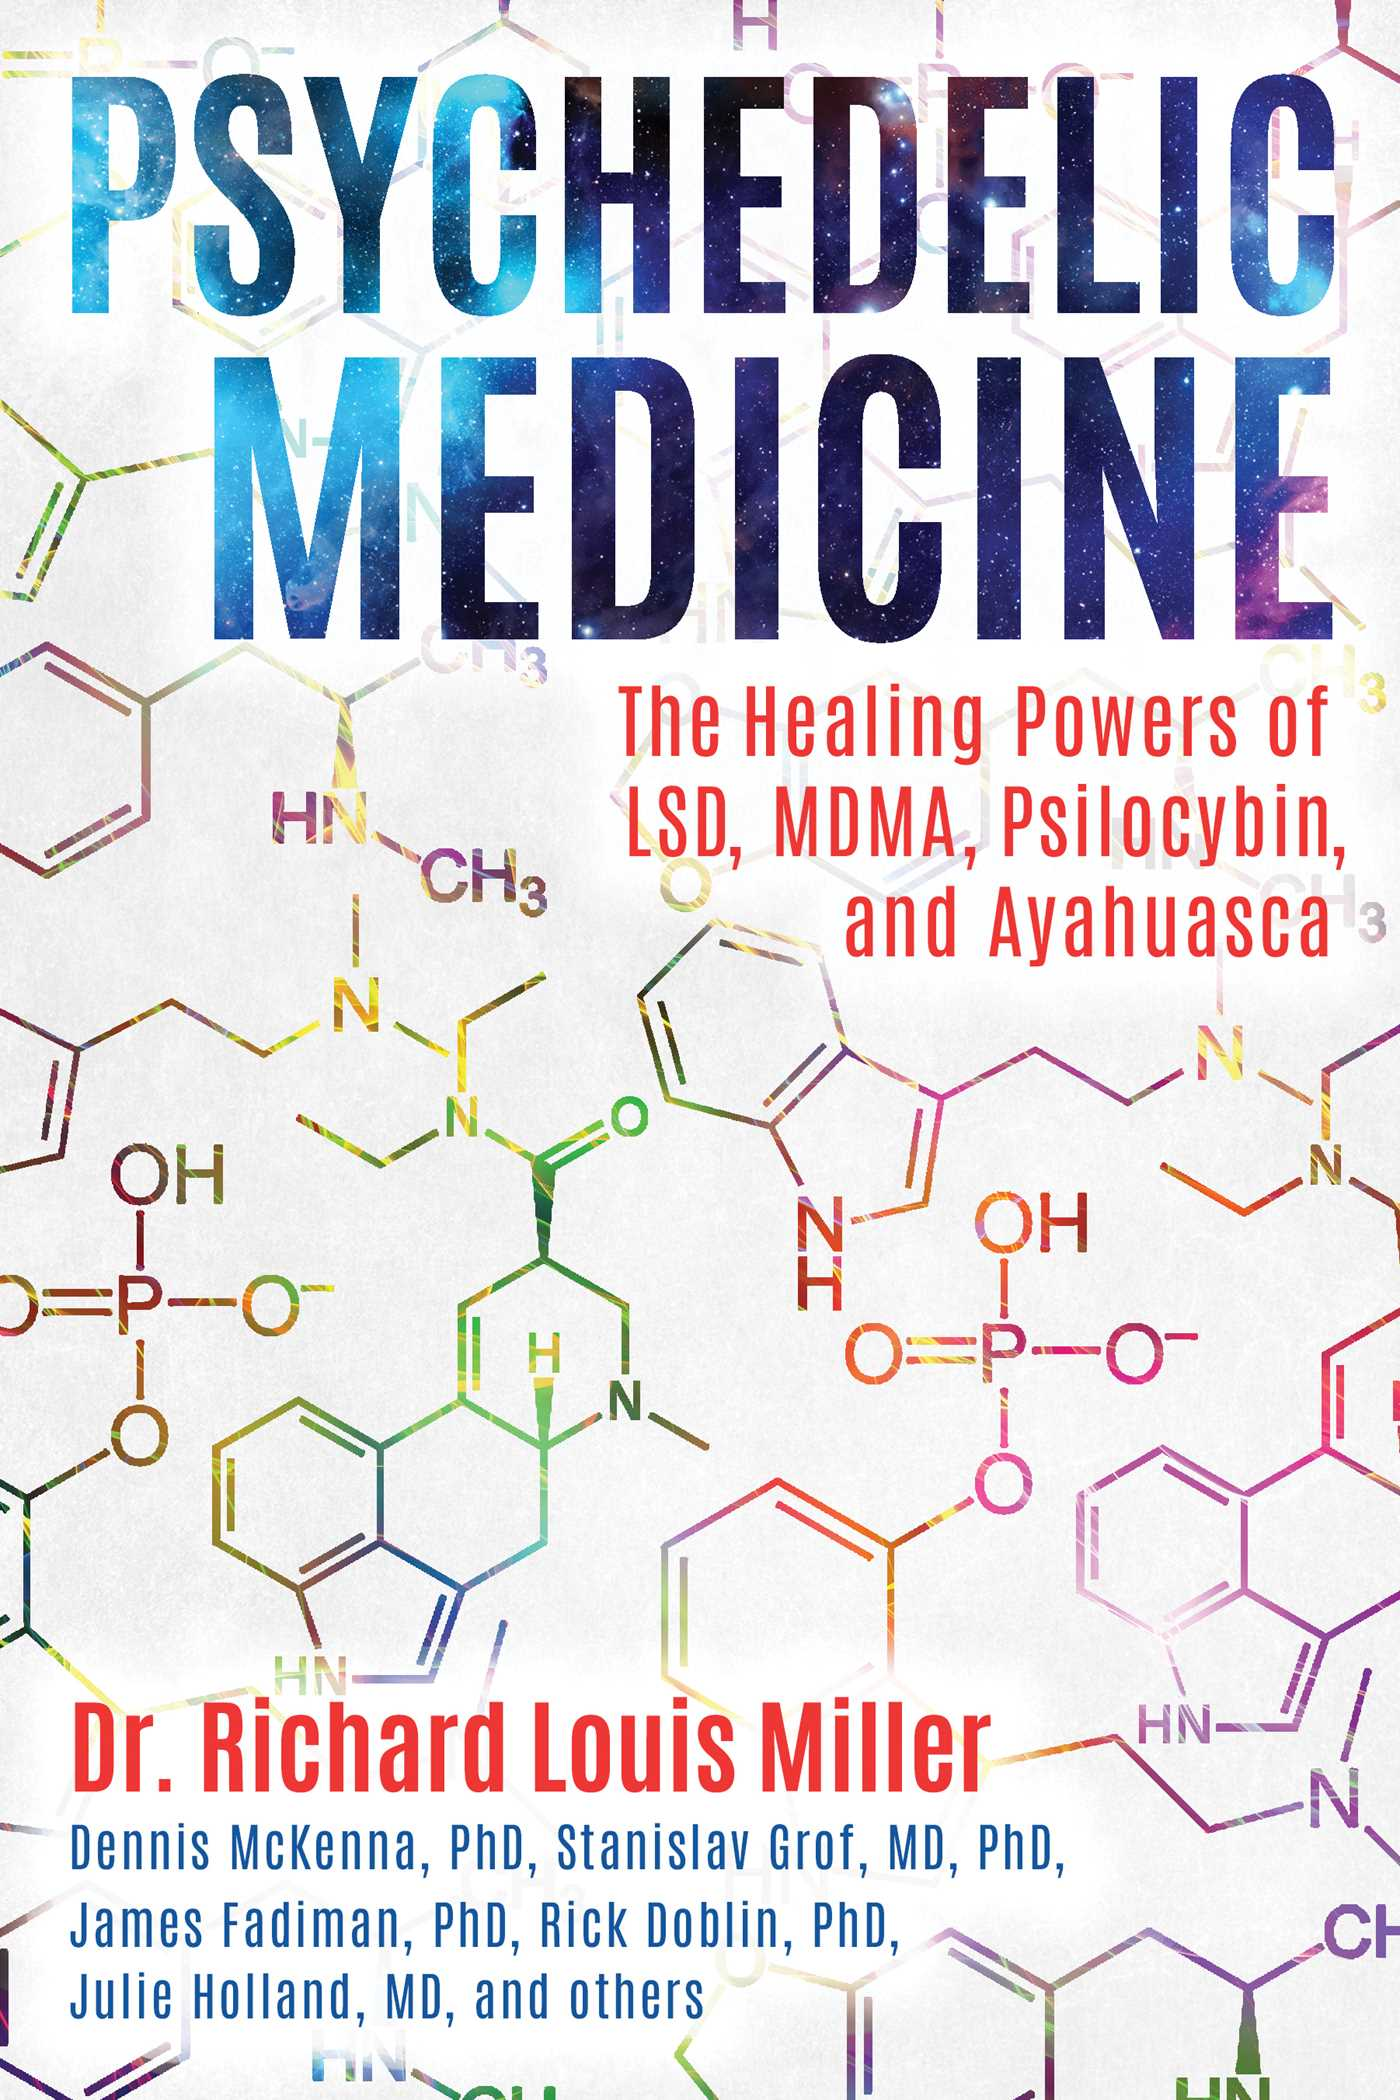 Psychedelic medicine 9781620556979 hr